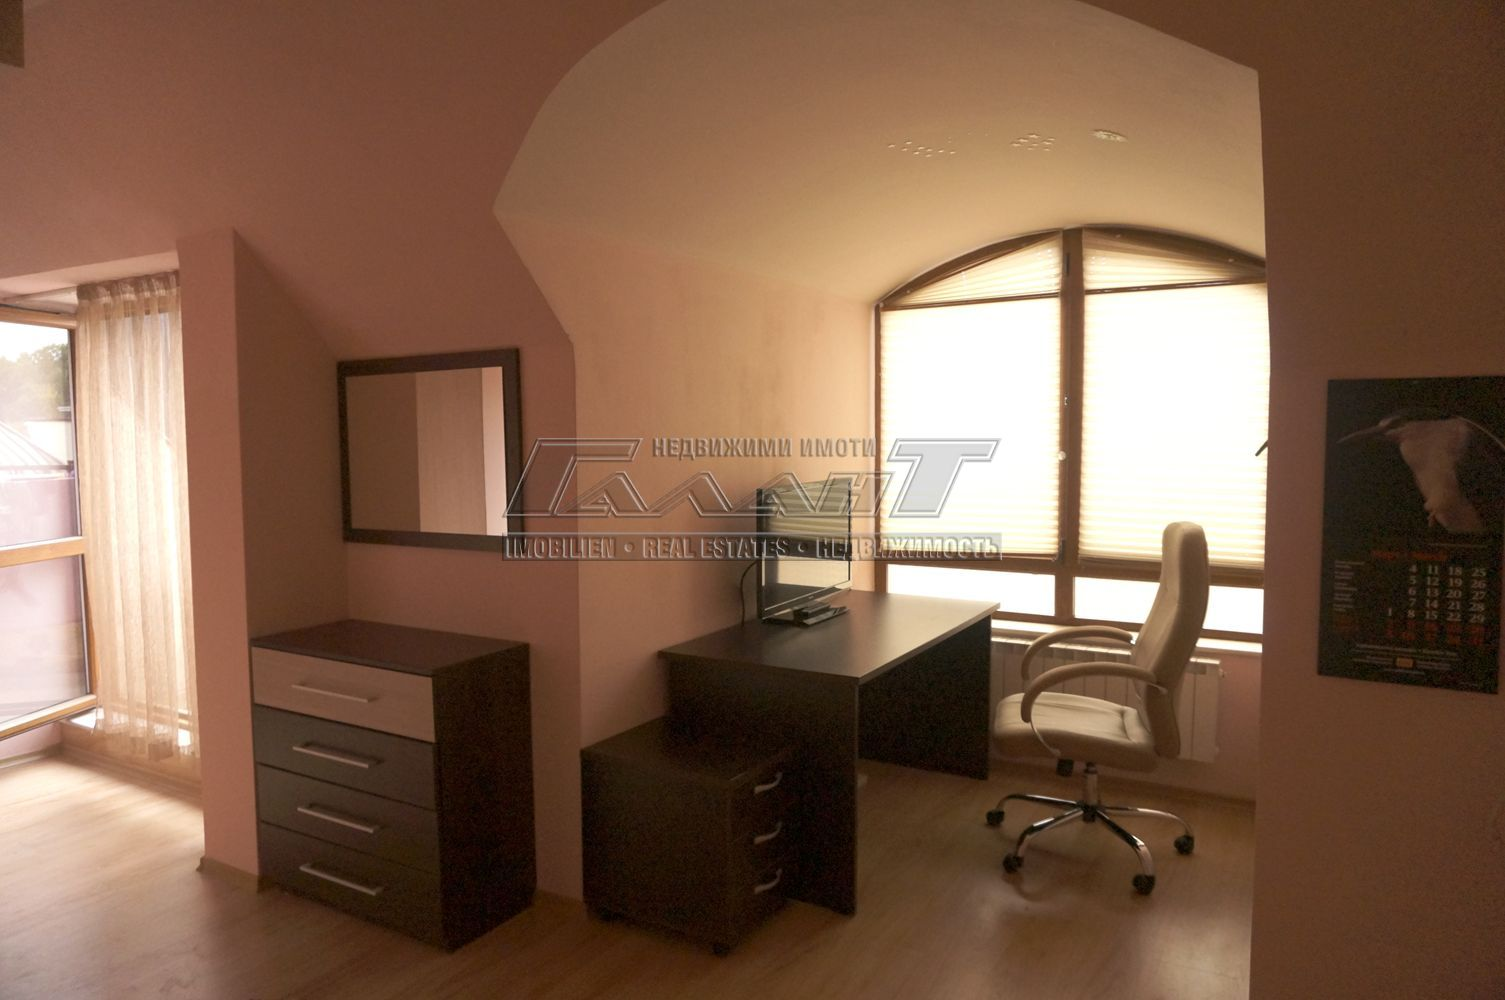 Двустаен апартамент  във  Варна за 514  лв - Отдава под наем 2-стаен